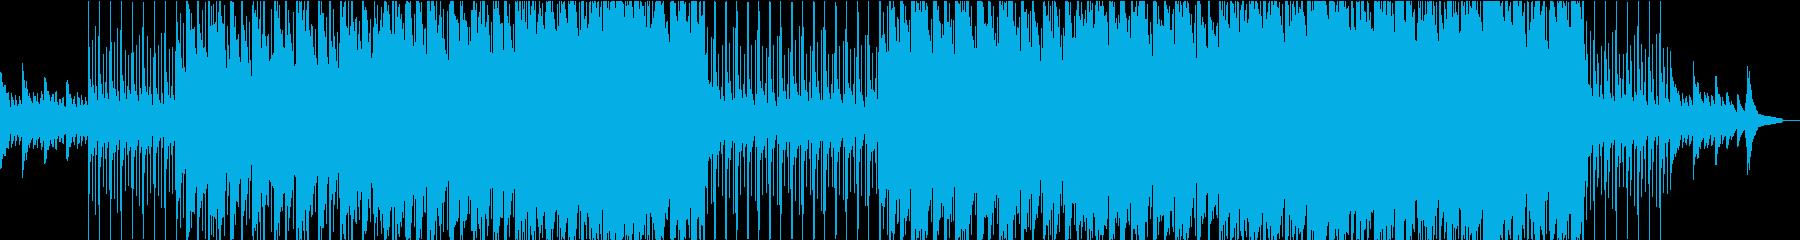 ゆったりほのぼの明るいポップバラードの再生済みの波形